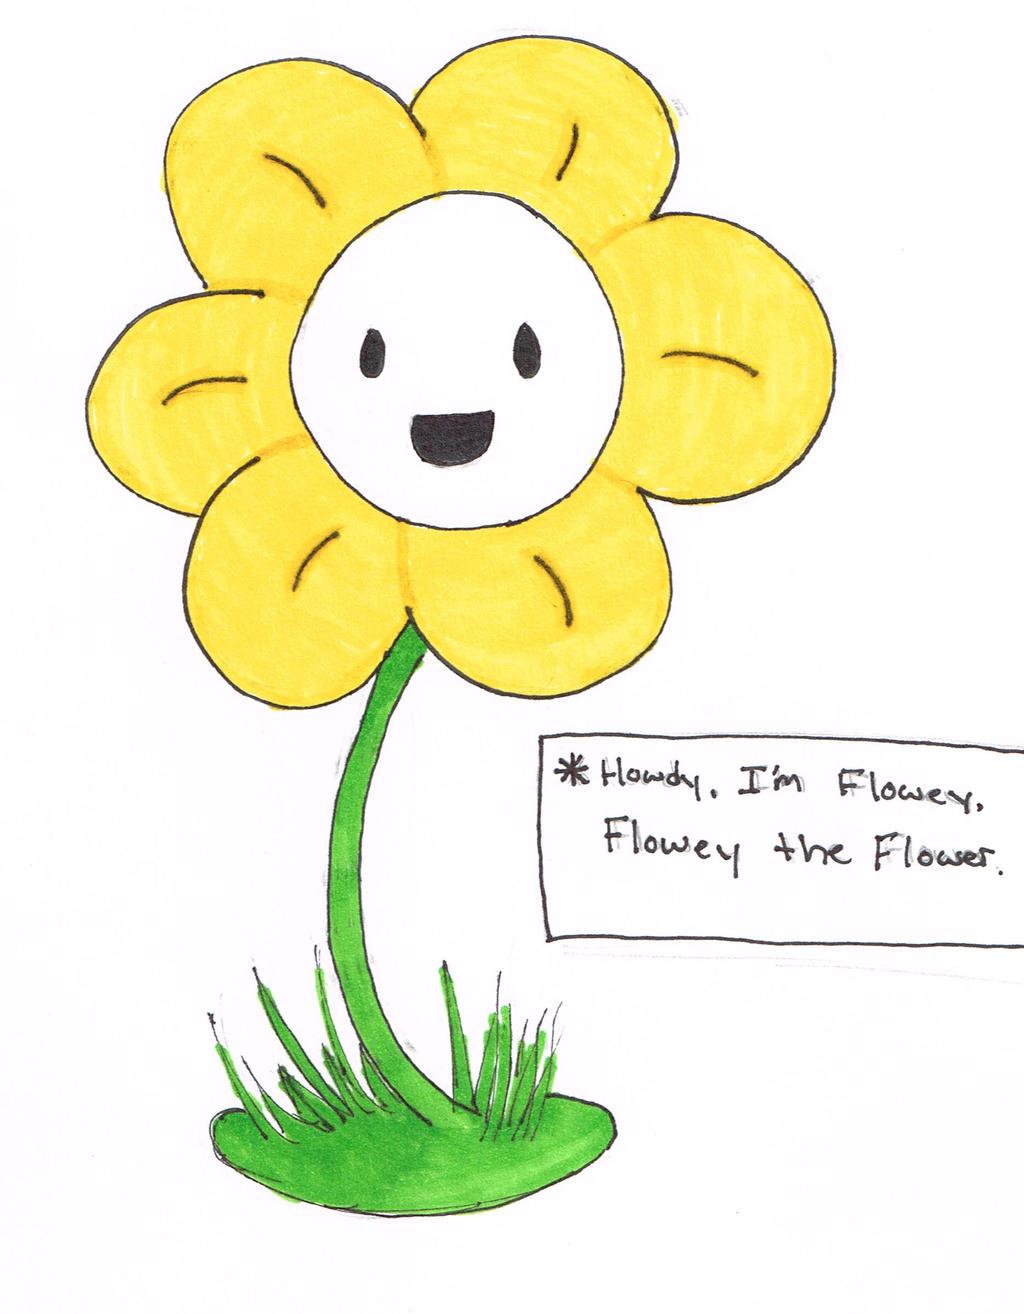 Flowey The Flower by KiwiPopsicle on DeviantArt